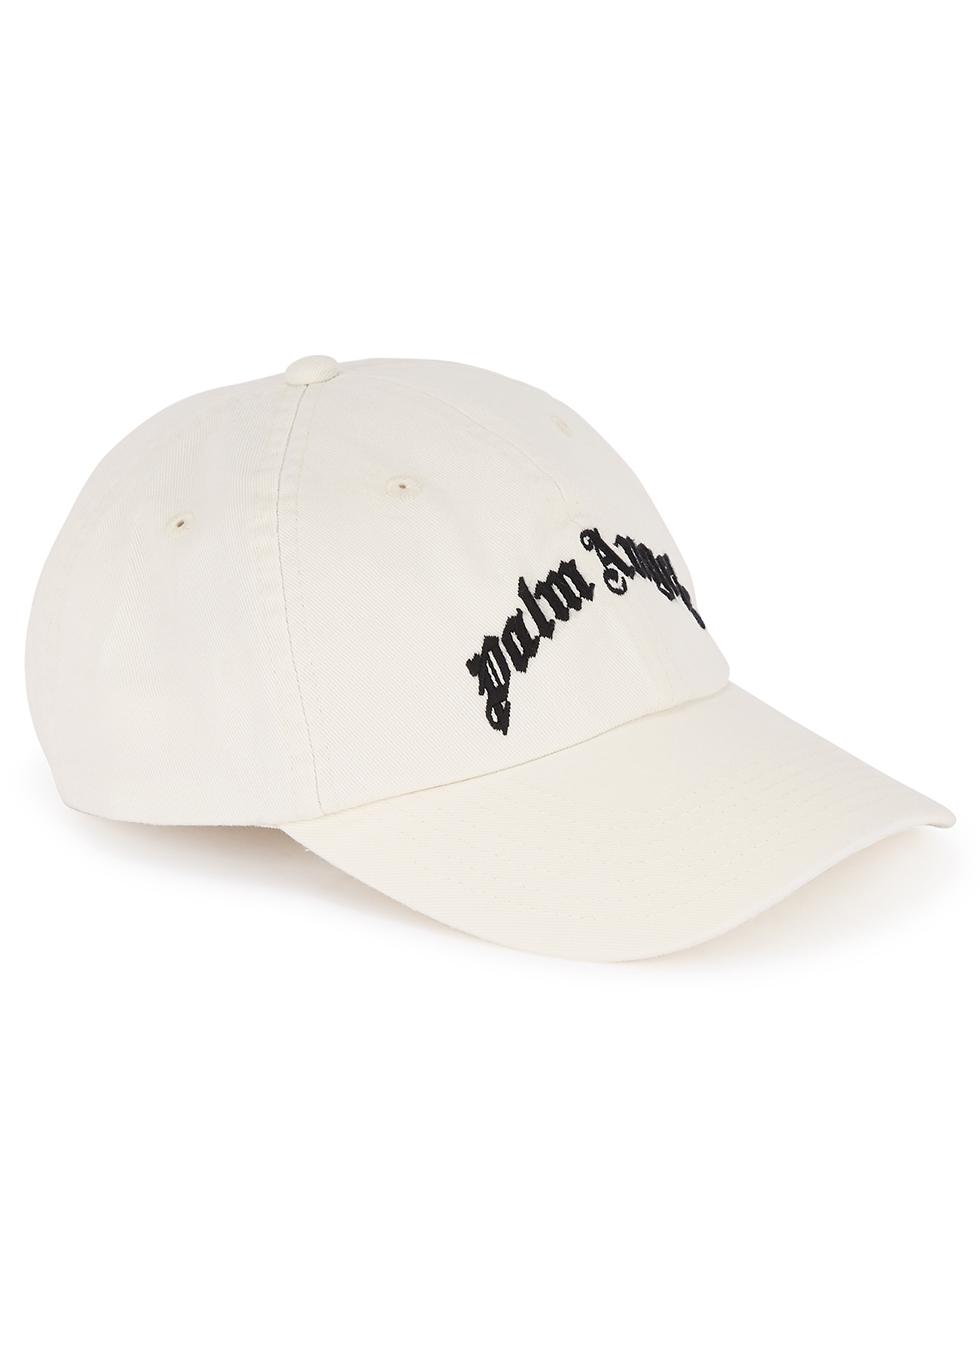 c8ce1d949 Men s Designer Caps - Luxury Brands - Harvey Nichols